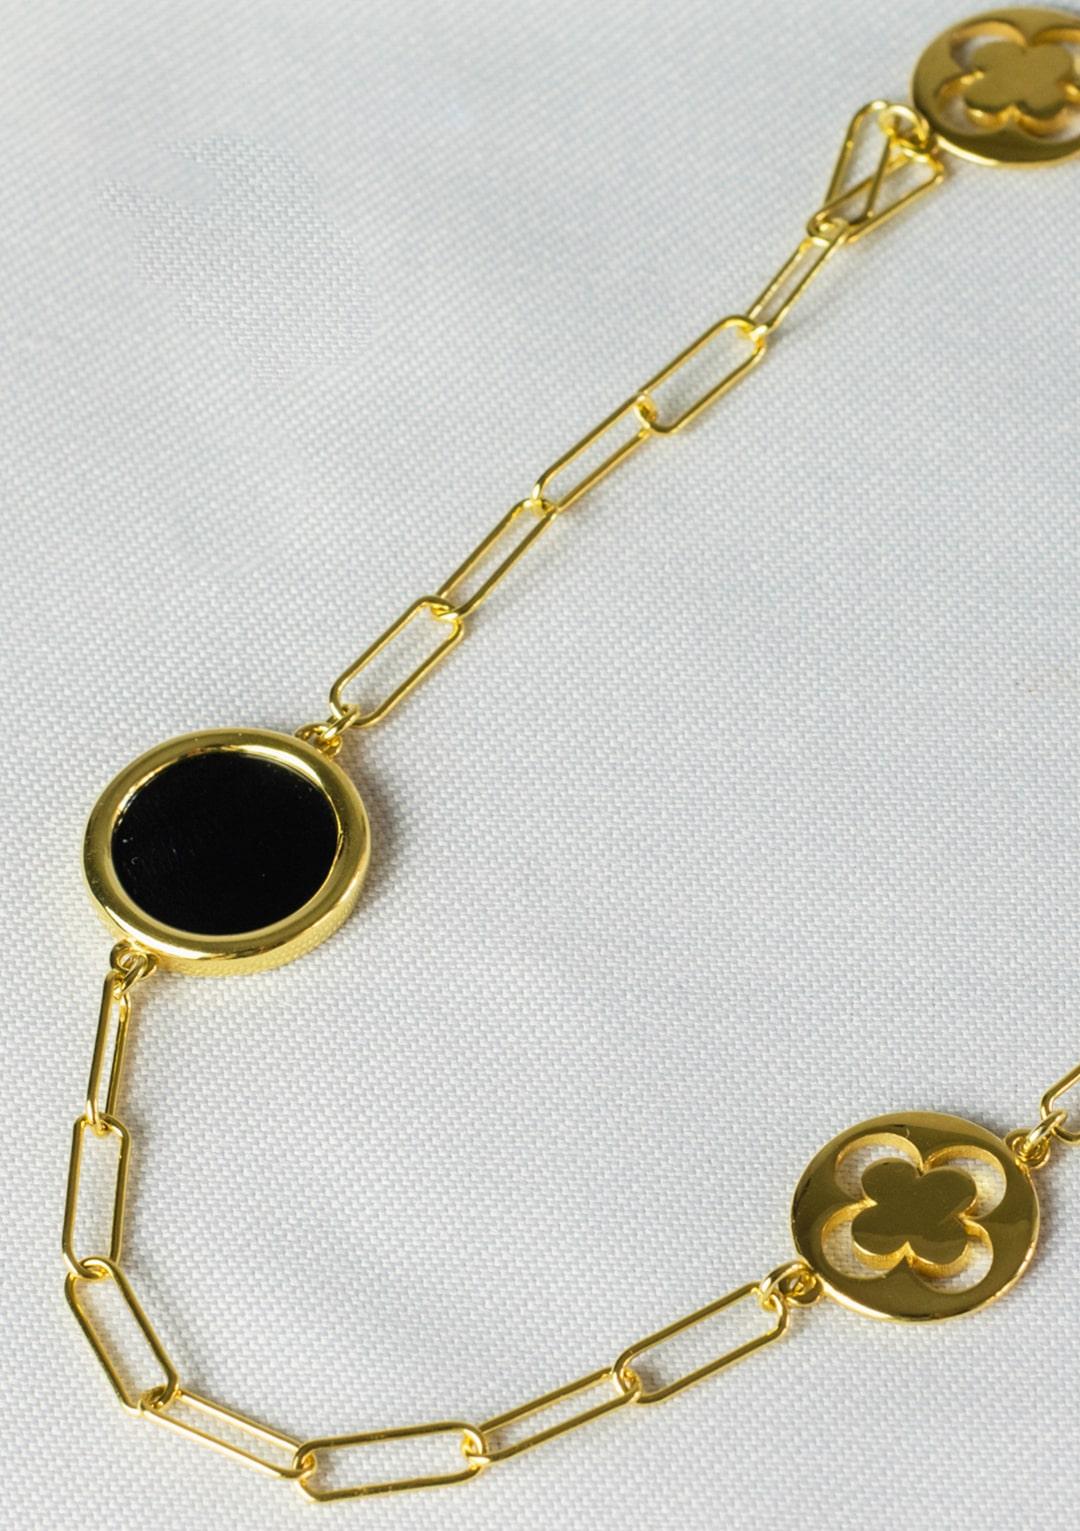 Sautoir I agate noire argent doré or fin I Elliade I vue en détail I Label AÉ Paris